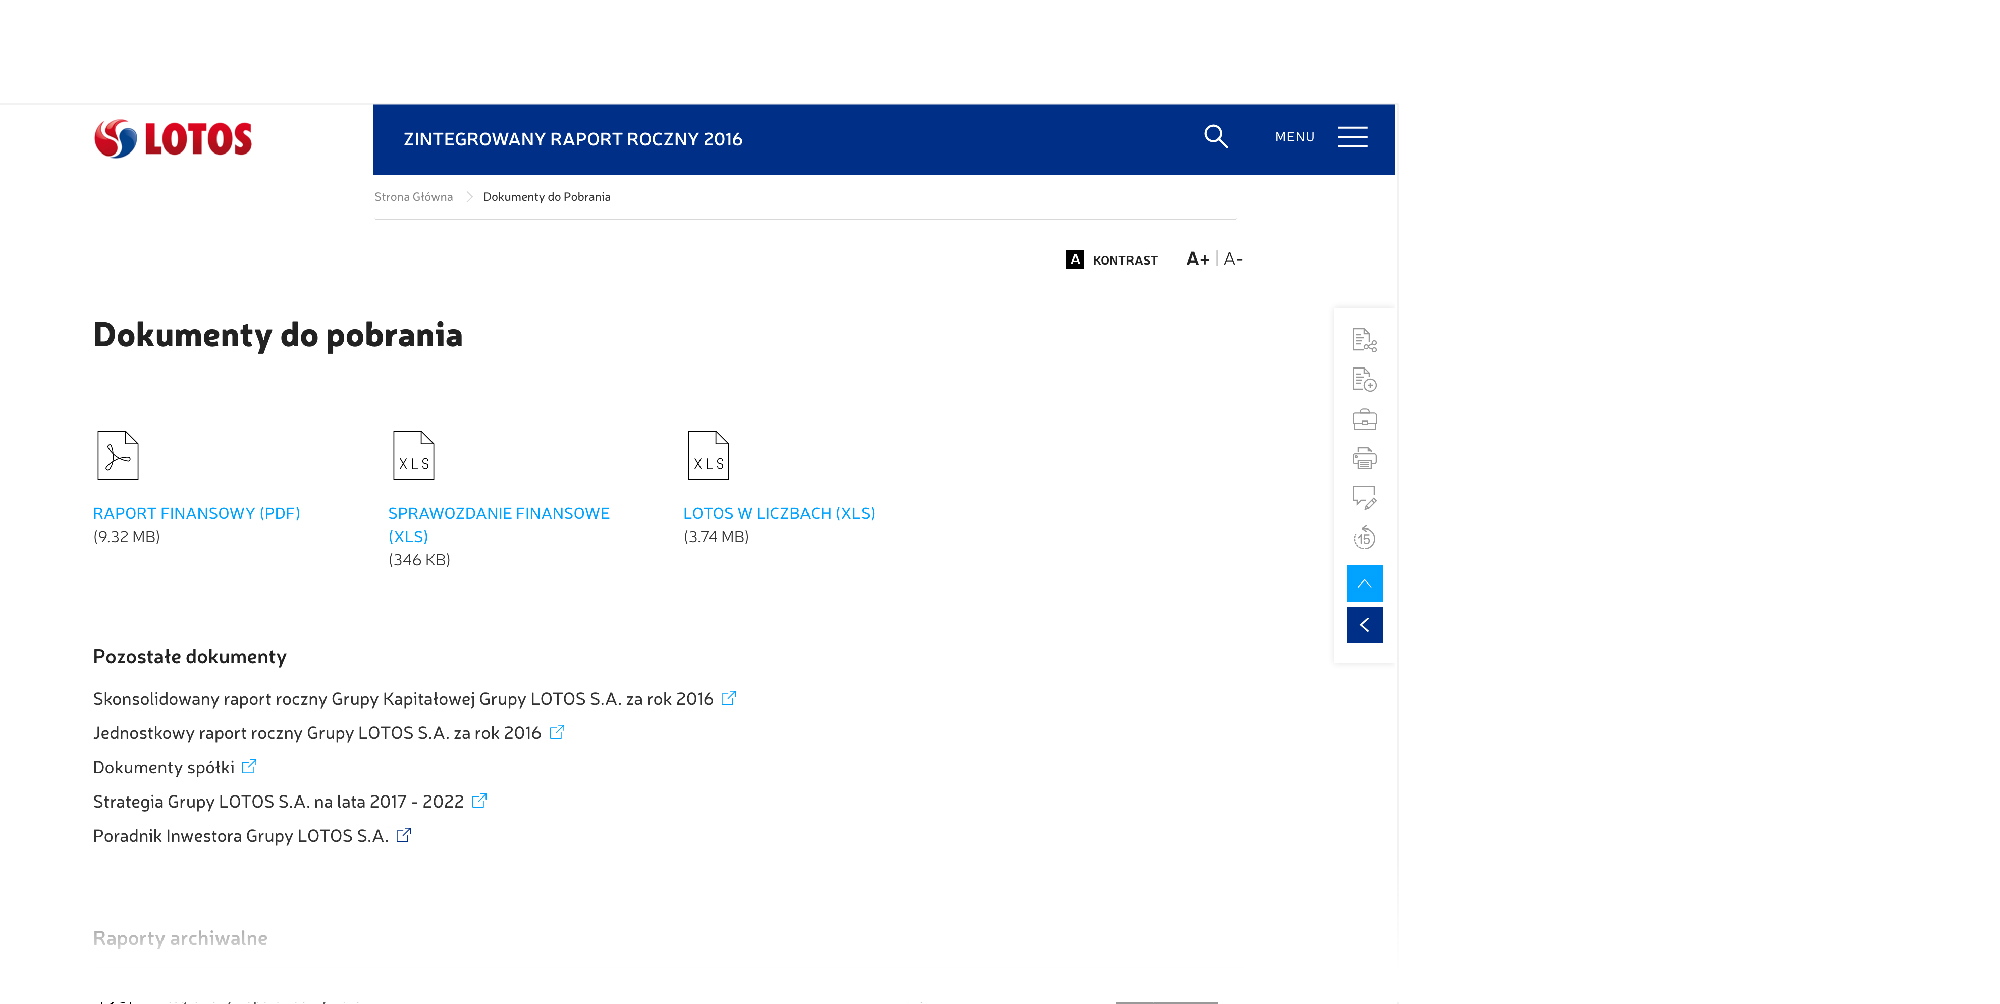 widok strony z dokumentami do pobrania